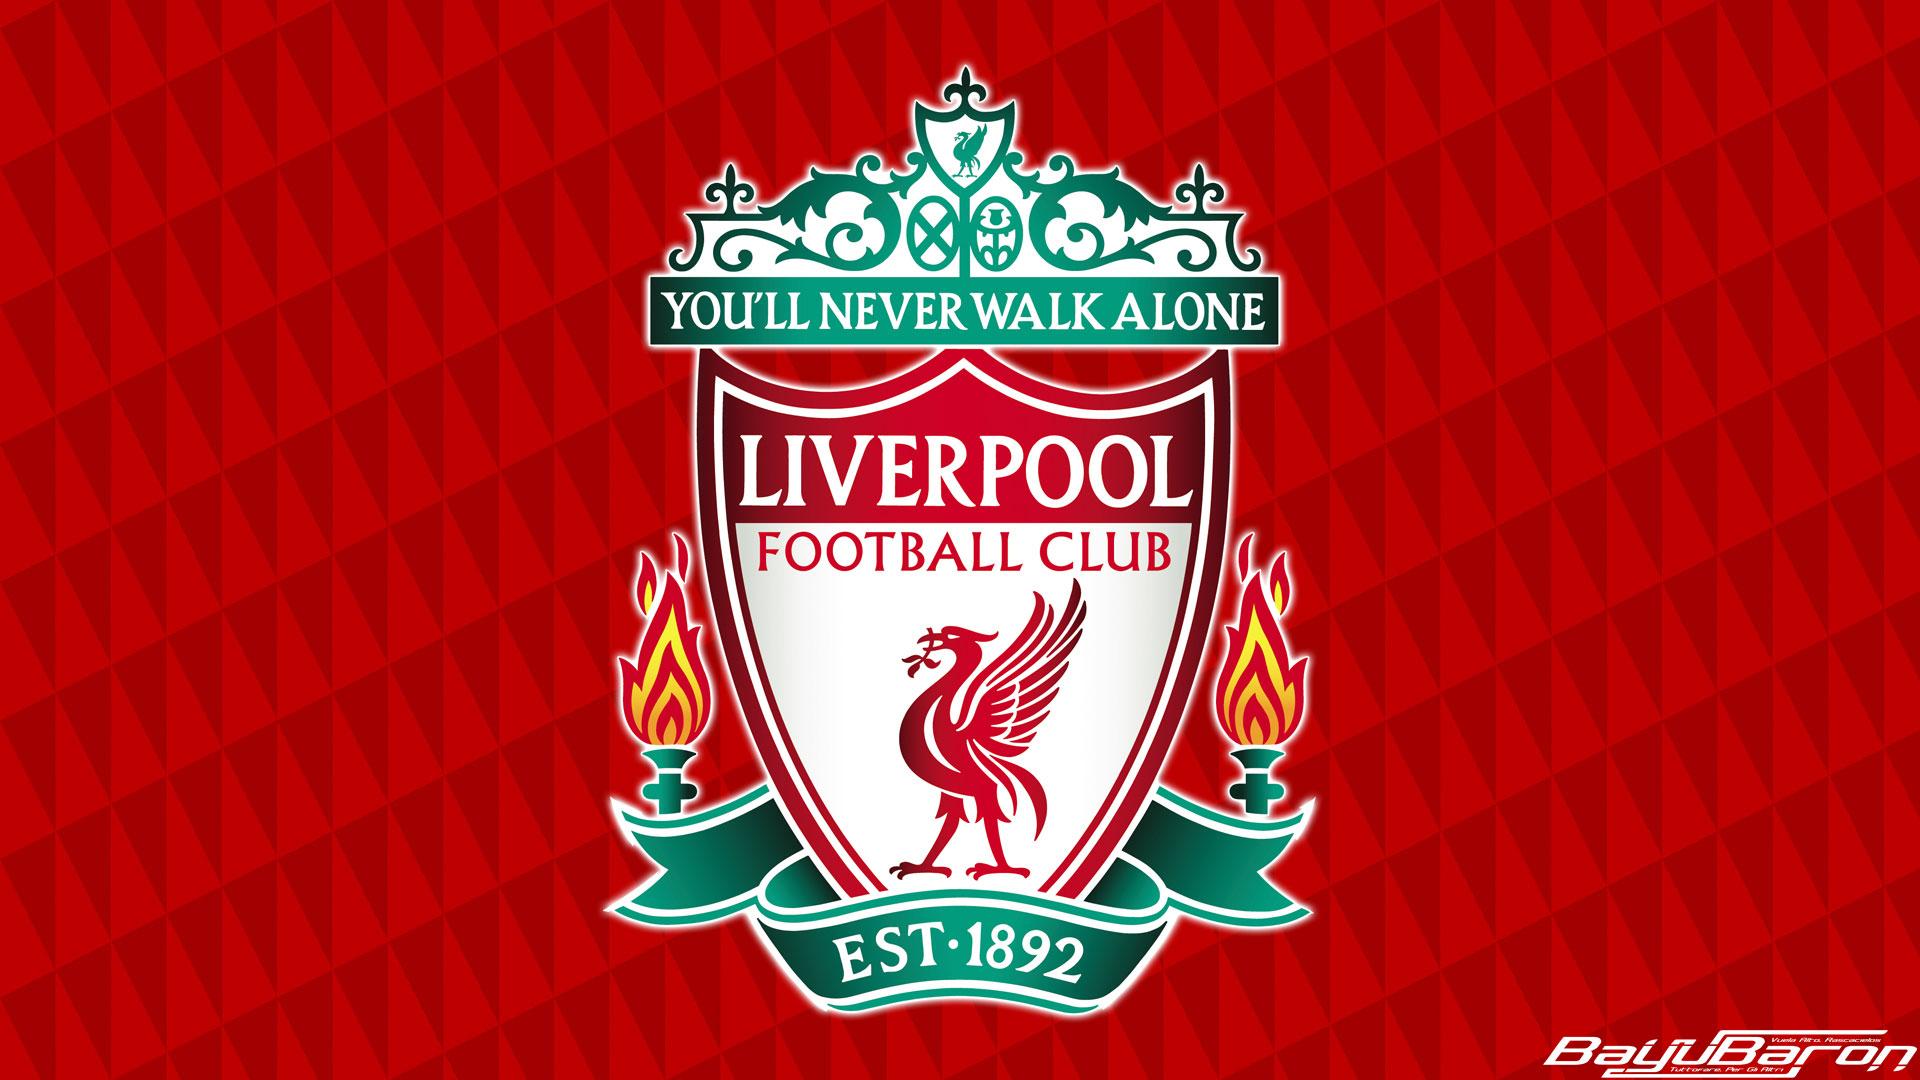 Kumpulan Wallpaper Terkeren Liverpool FC Musim 20152016 1920x1080